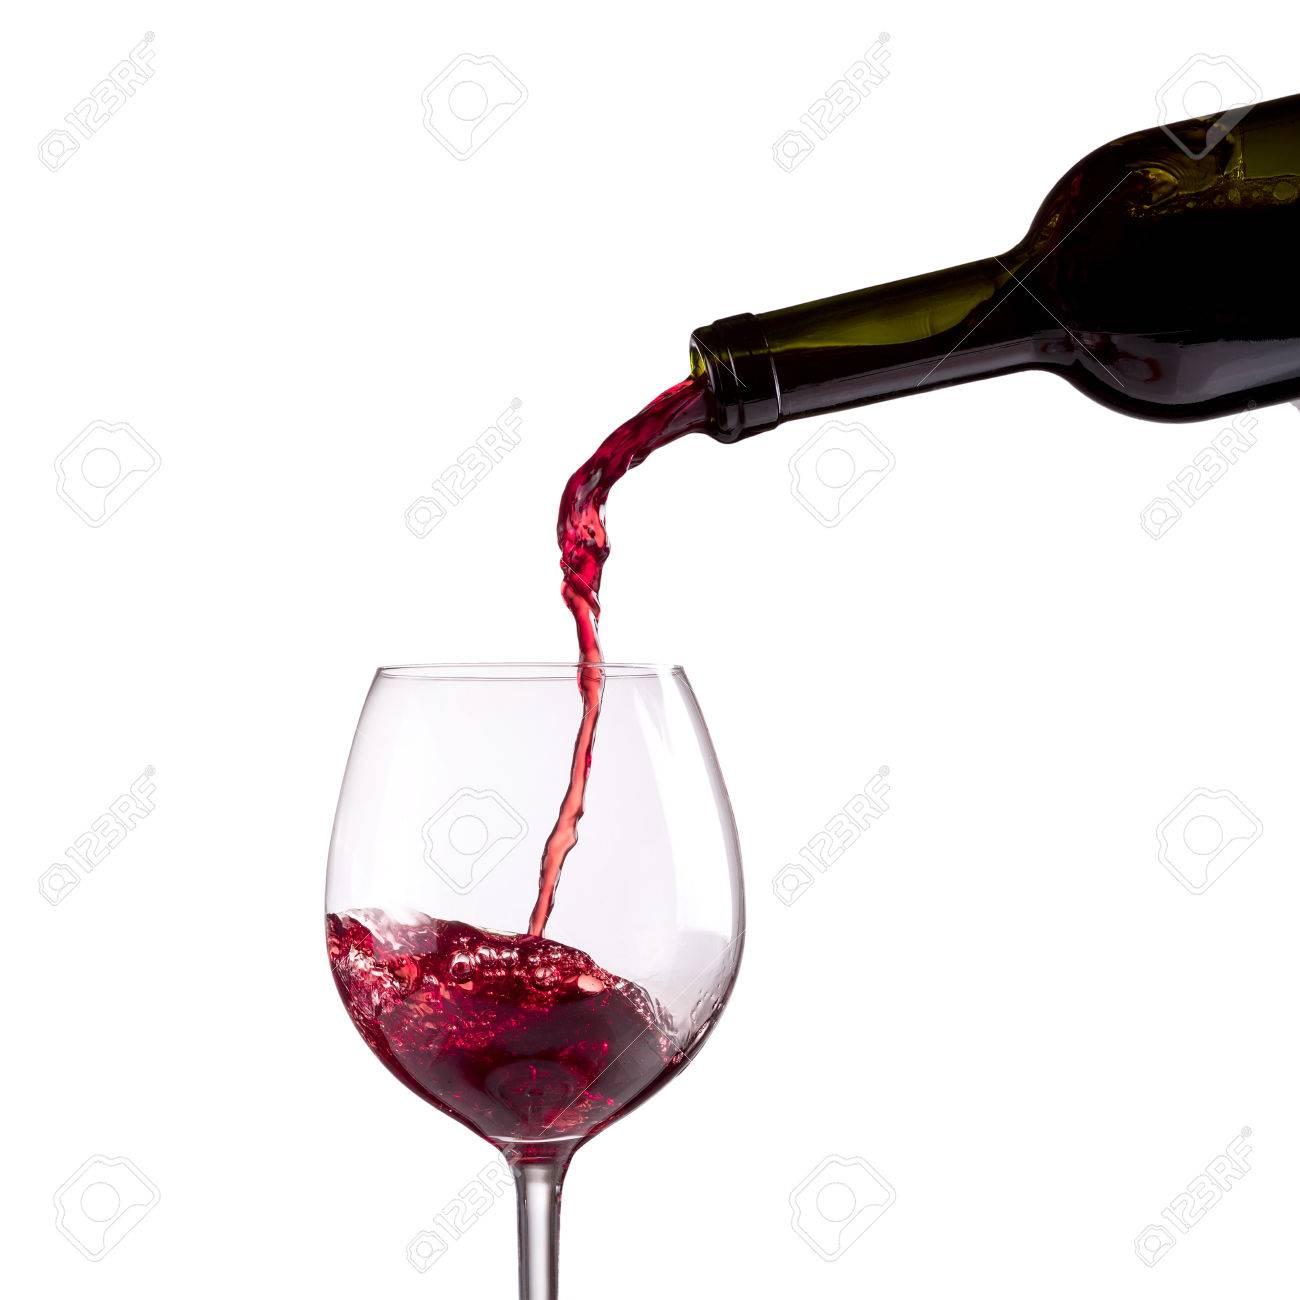 Immagini Stock Vino Rosso Che è Versato In Un Bicchiere Di Vino Su